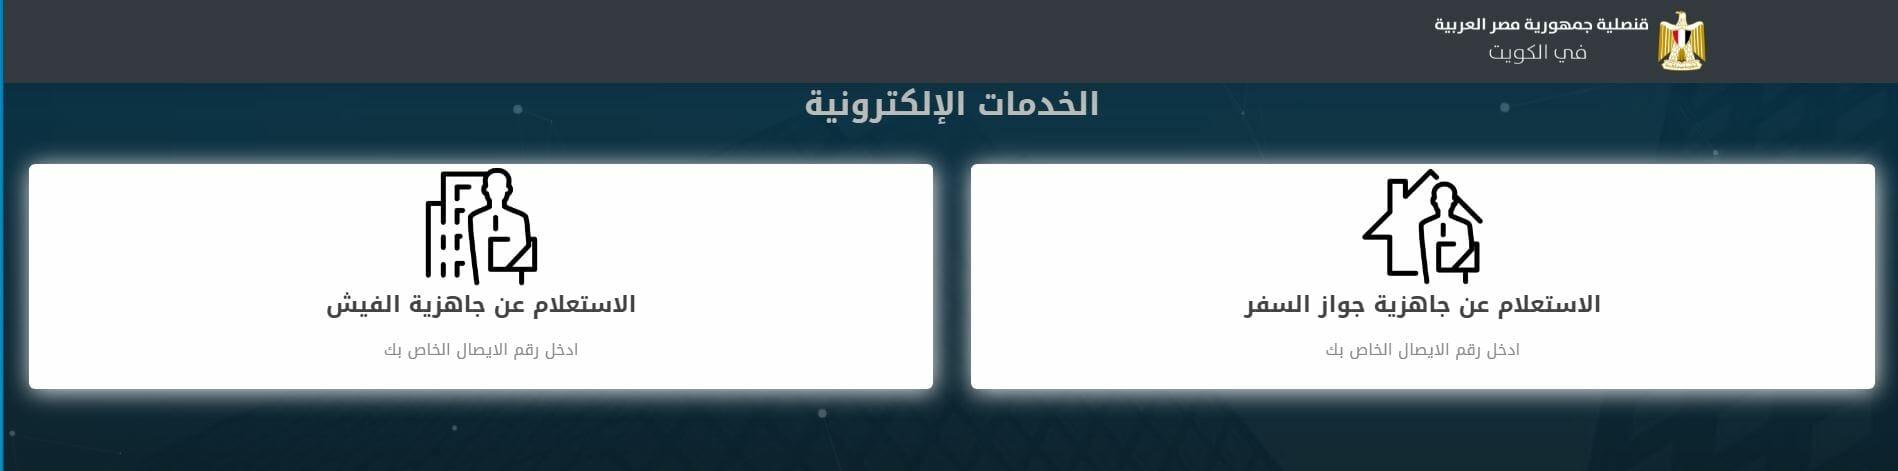 السفارة المصرية بالكويت الاستعلام عن جواز السفر رقم 01